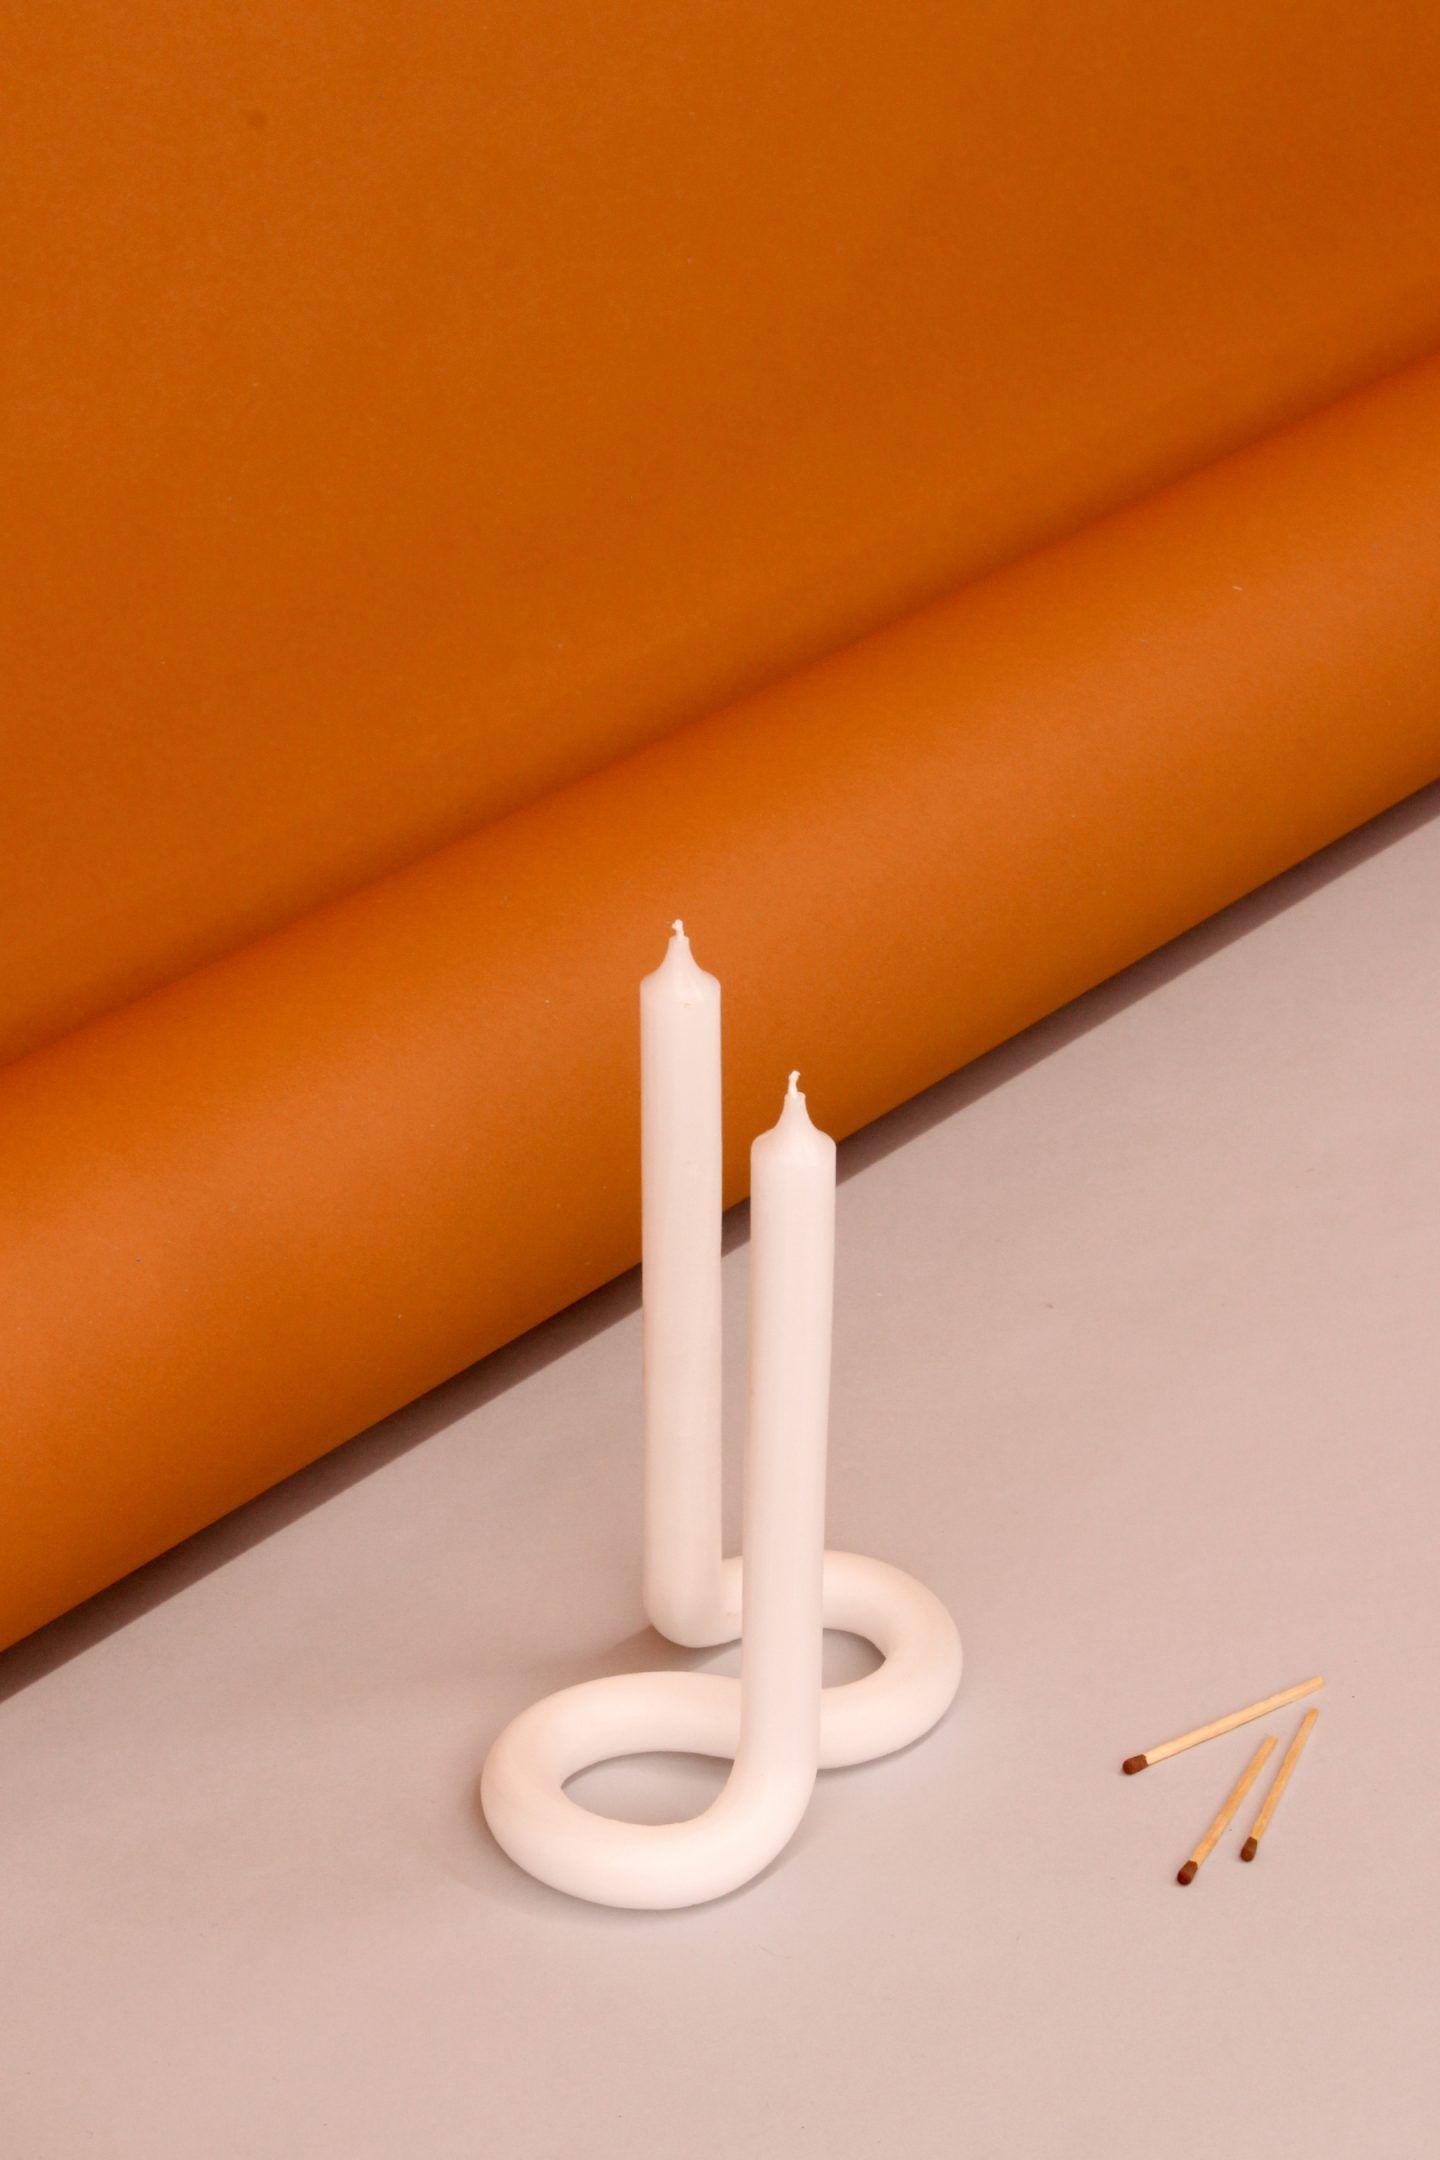 IGNANT-Design-Lex-Pott-02